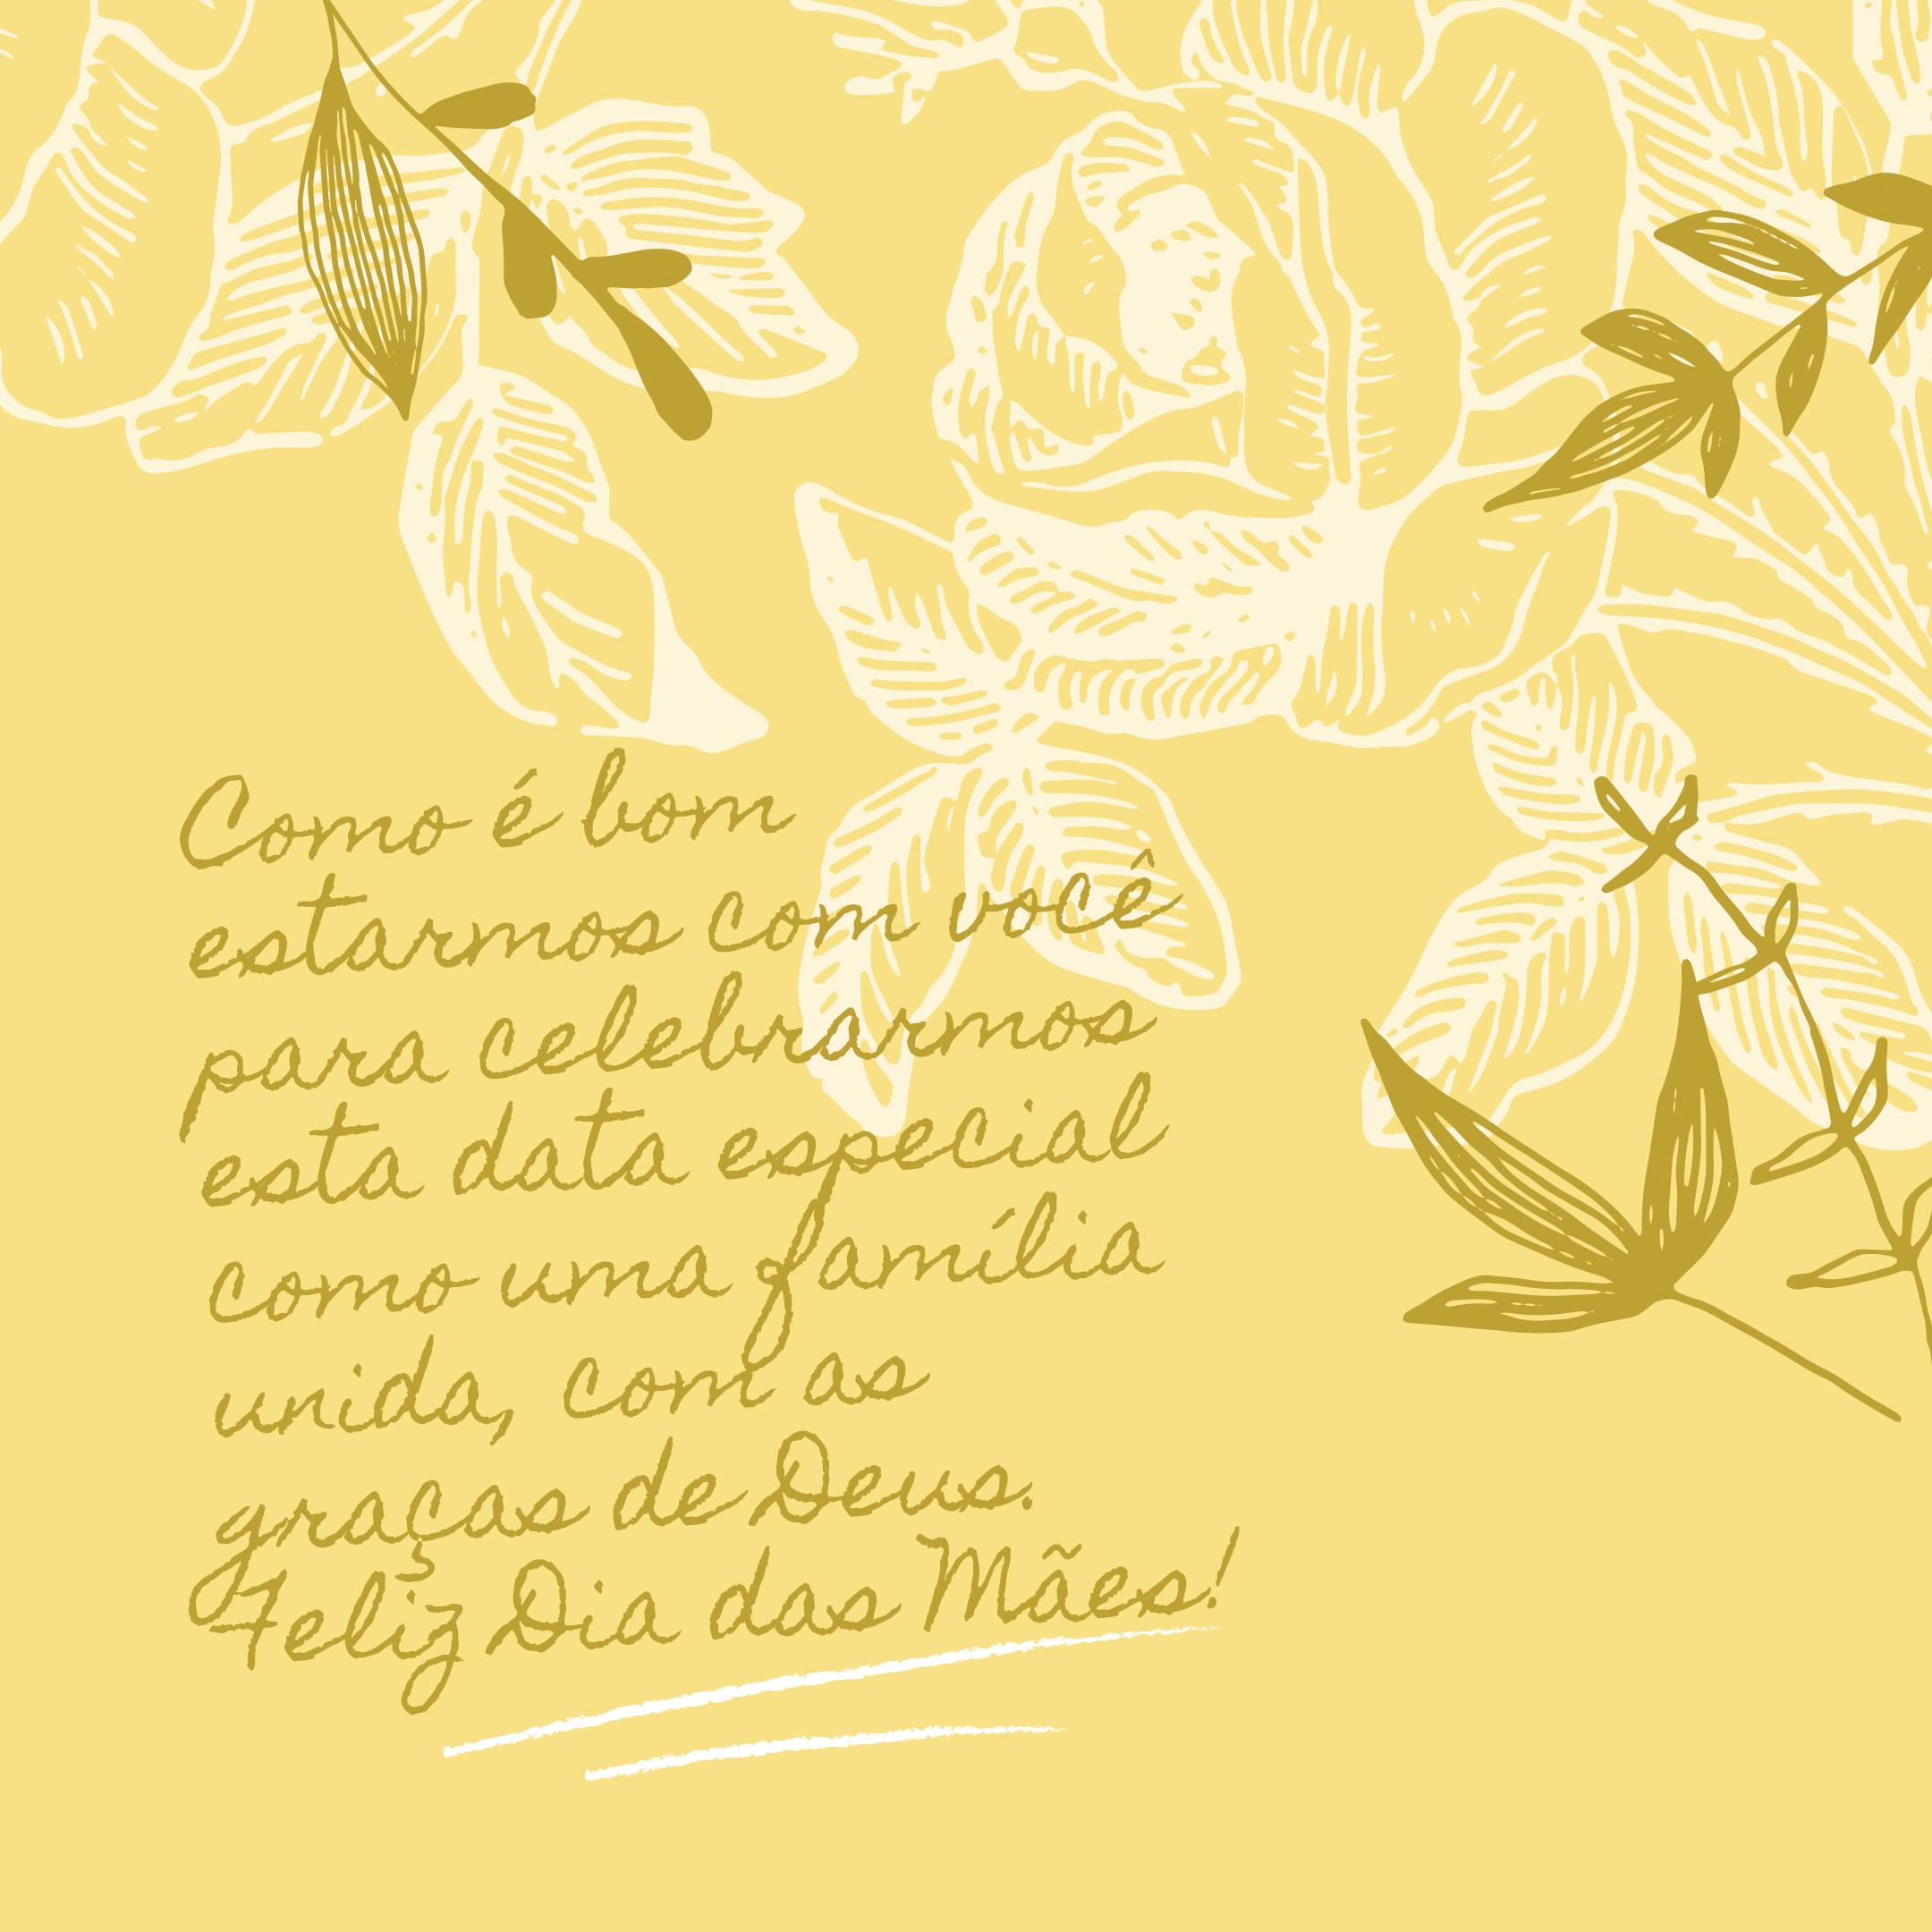 Como é bom estarmos com você para celebrarmos esta data especial como uma família unida, com as graças de Deus. Feliz Dia das Mães!